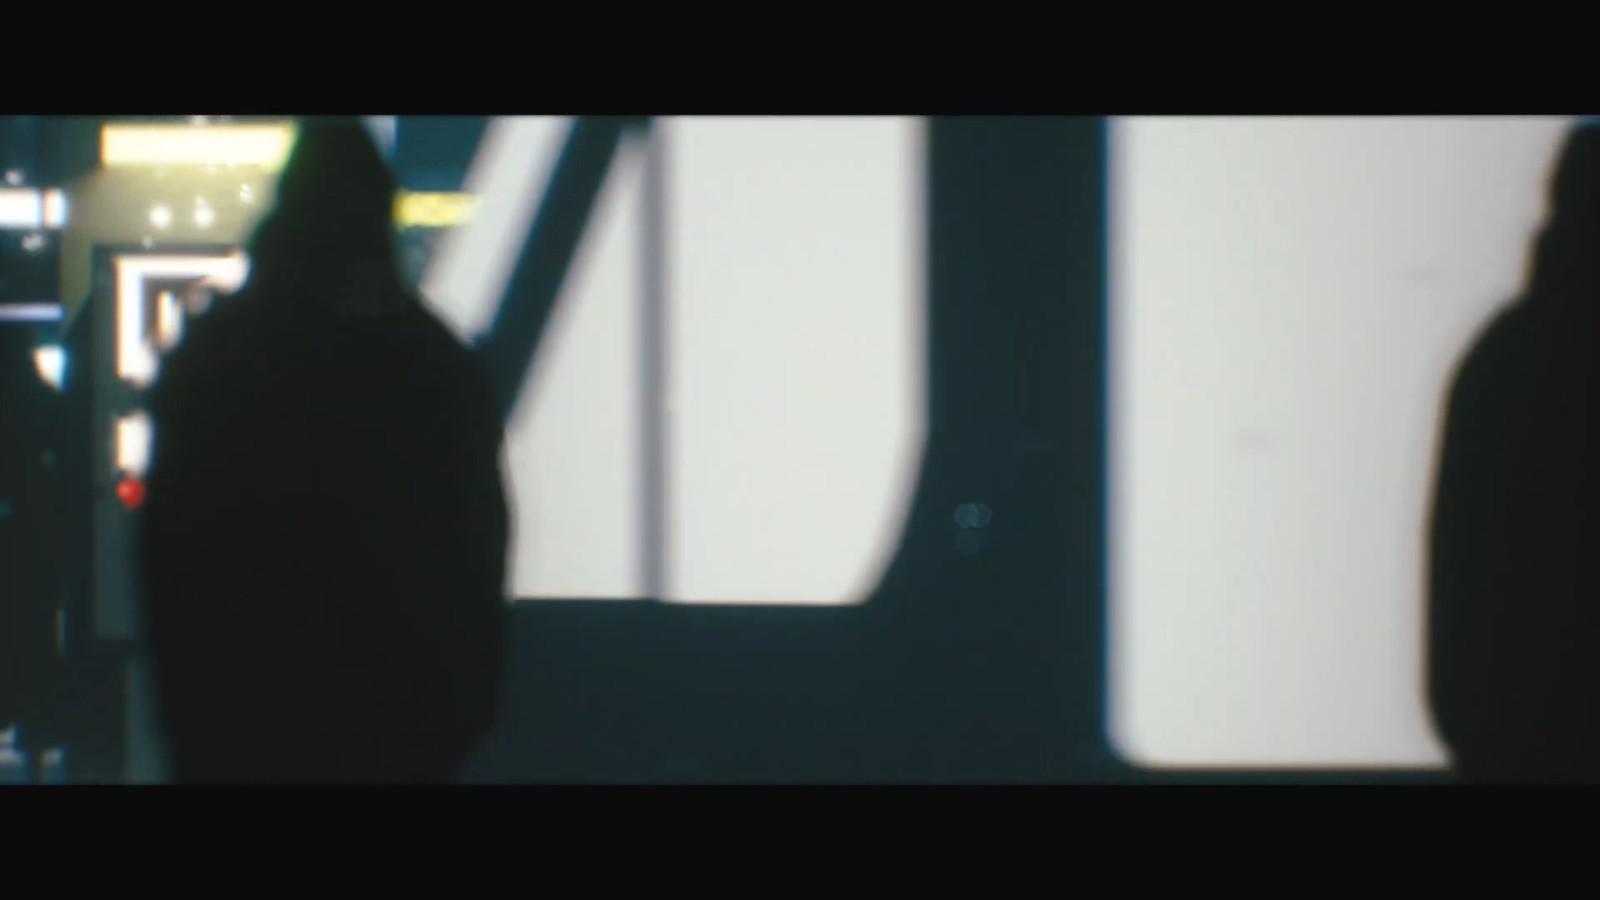 反烏托邦遊戲《紙飛機效應》8月12日發售 登陸多平臺